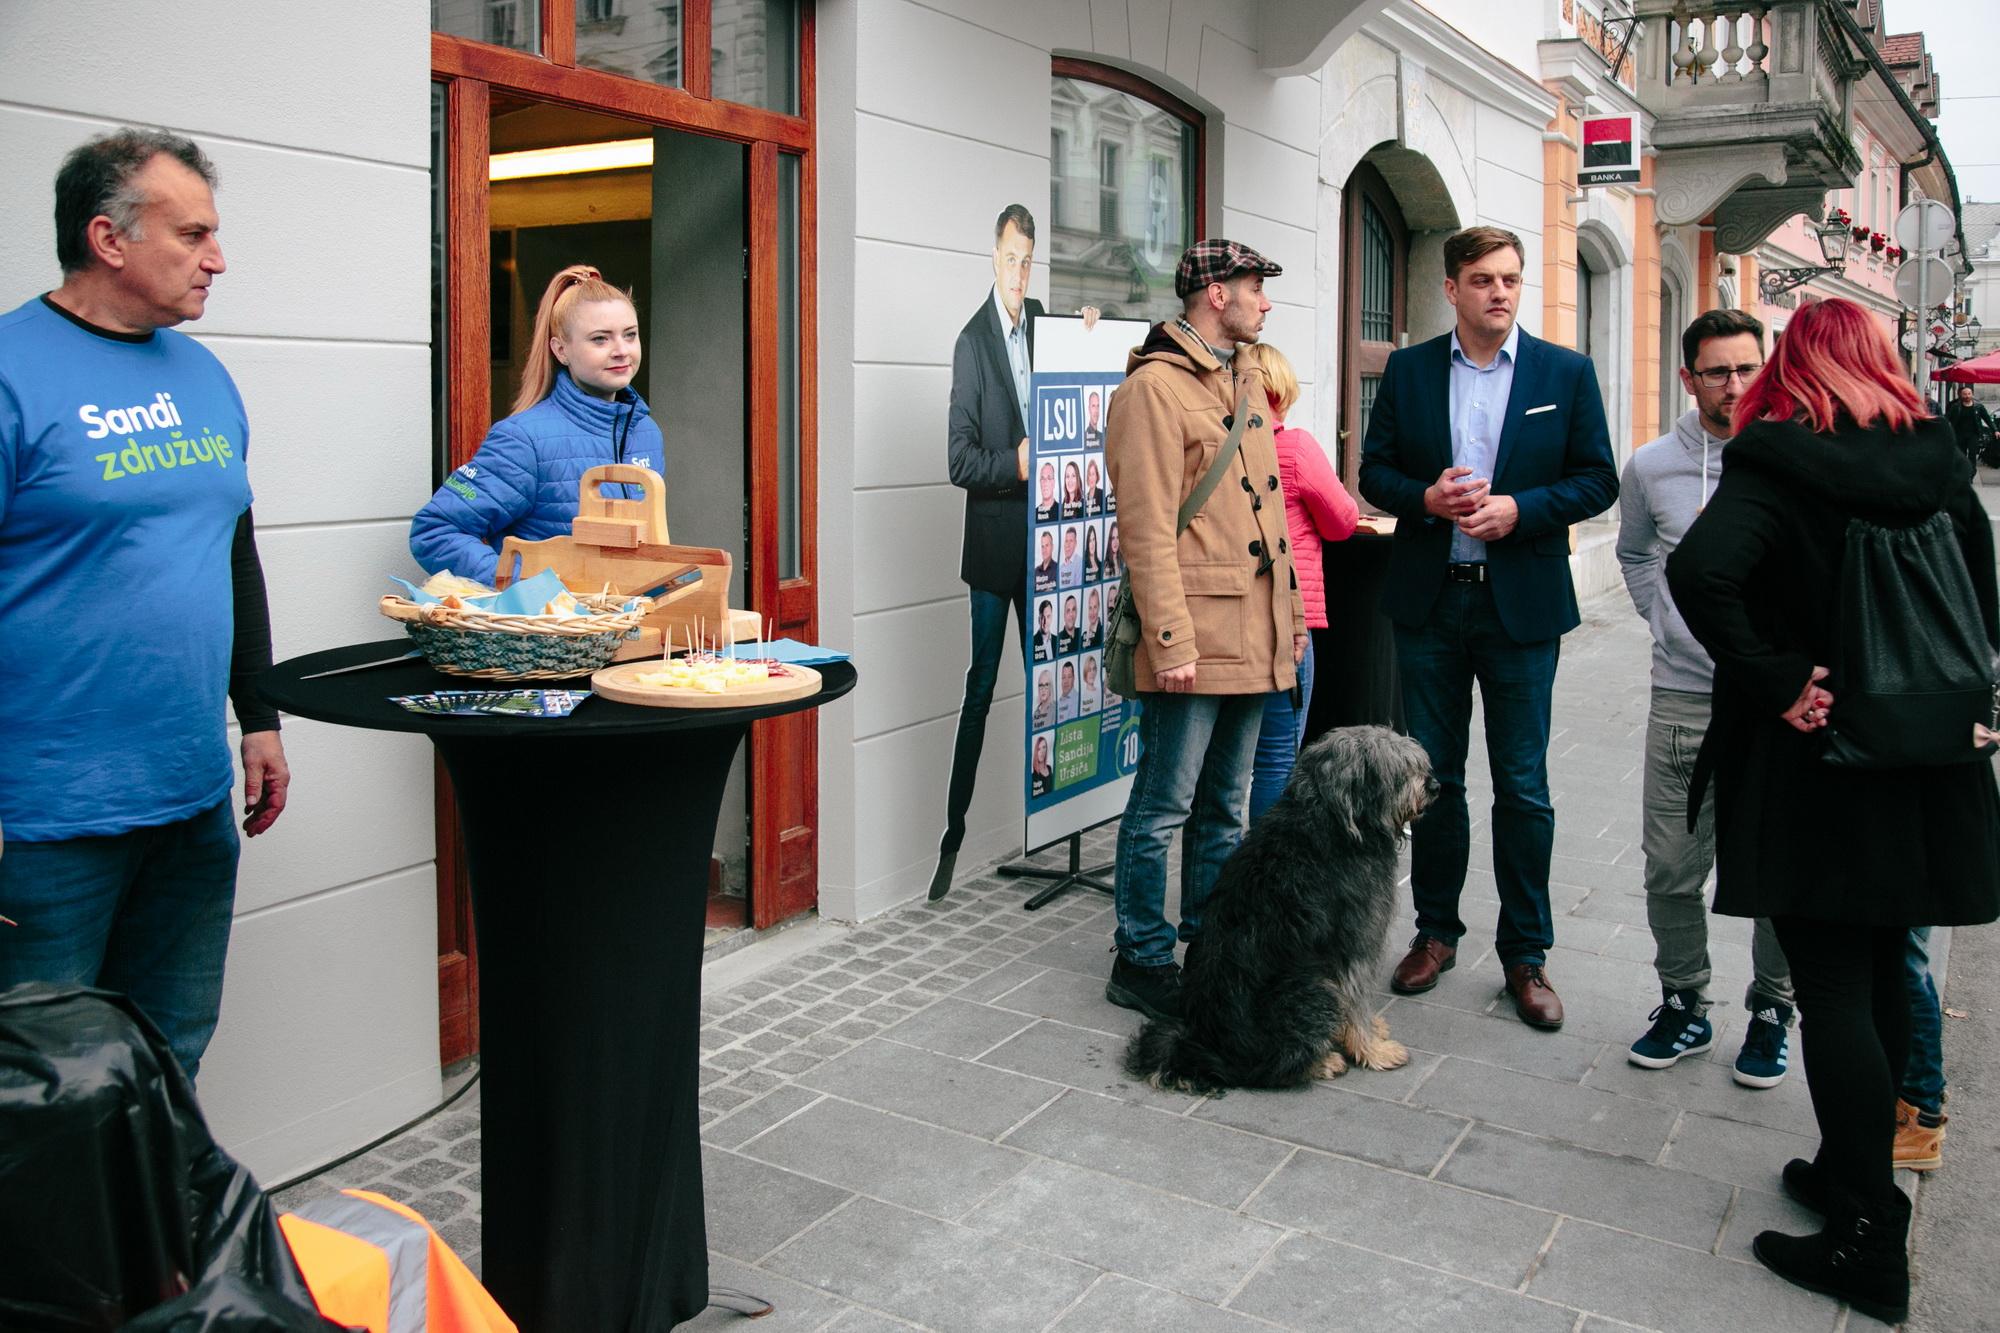 Vse do konca volitev bo na Glavnem trgu 13 v Kamniku odslej delovala volilna pisarna županskega kandidata Sandija Uršiča in Liste Sandija Uršiča. Vtisi ob odprtju pisarne so čudoviti. Prišlo je veliko ljudi, ki jim ni vseeno za prihodnost Kamnika, pogovarjali so se z ekipo Sandija Uršiča in županskim kandidatom in se okrepčali z […]